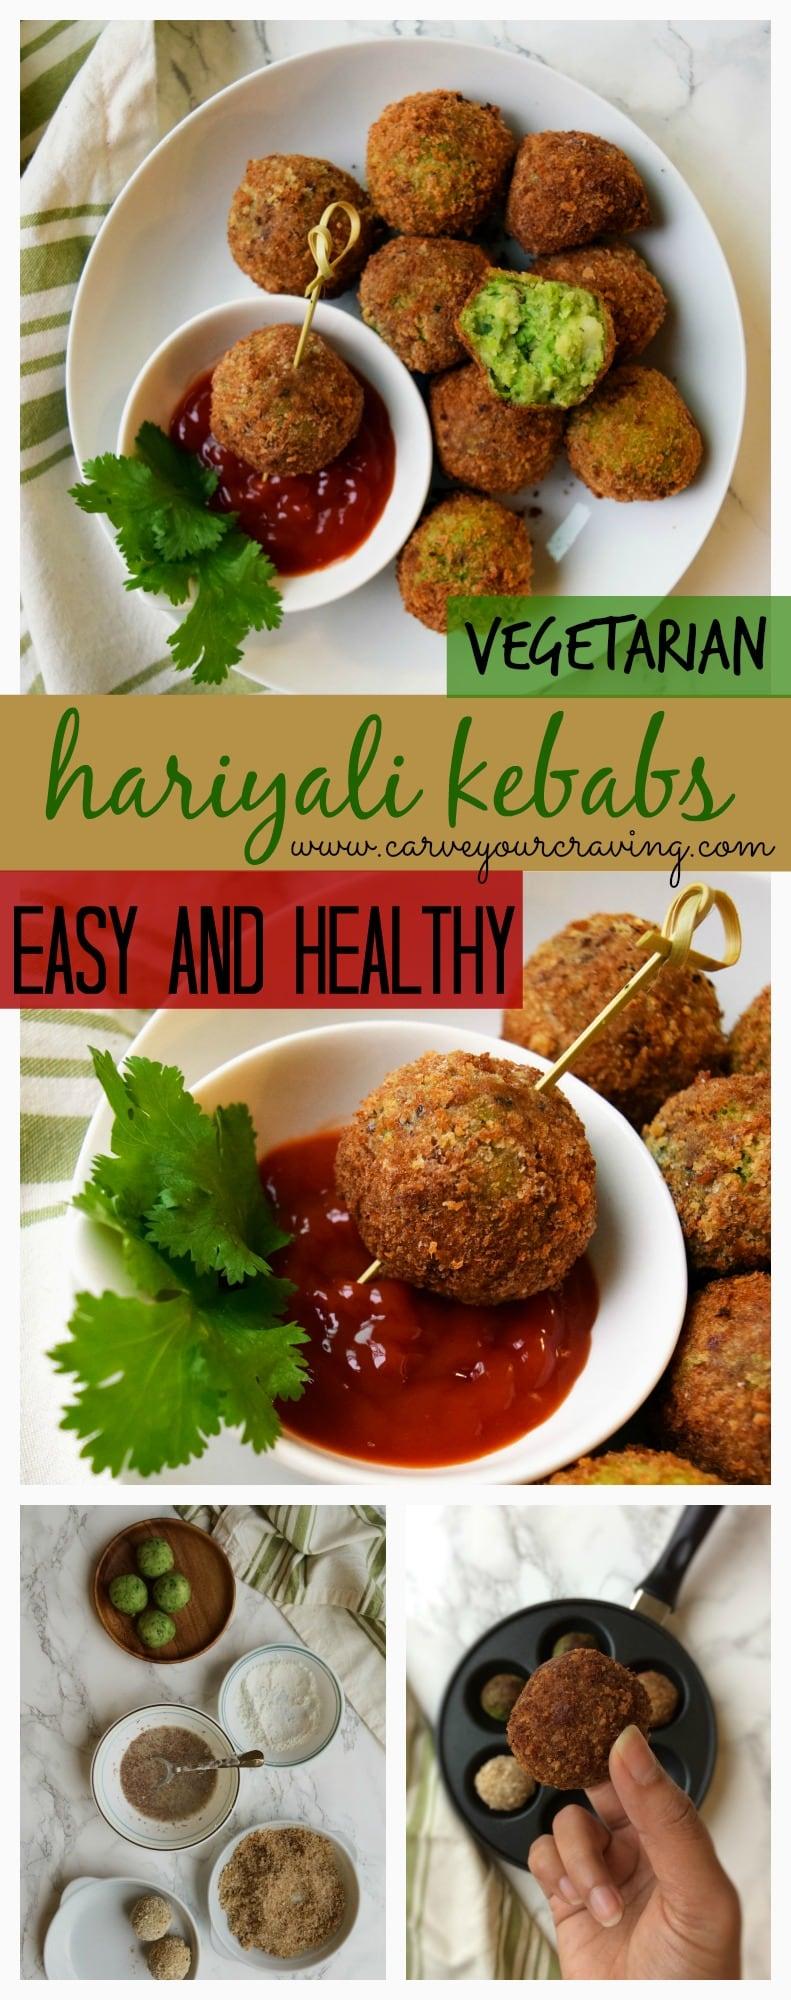 healthy veg hariyali kebabs